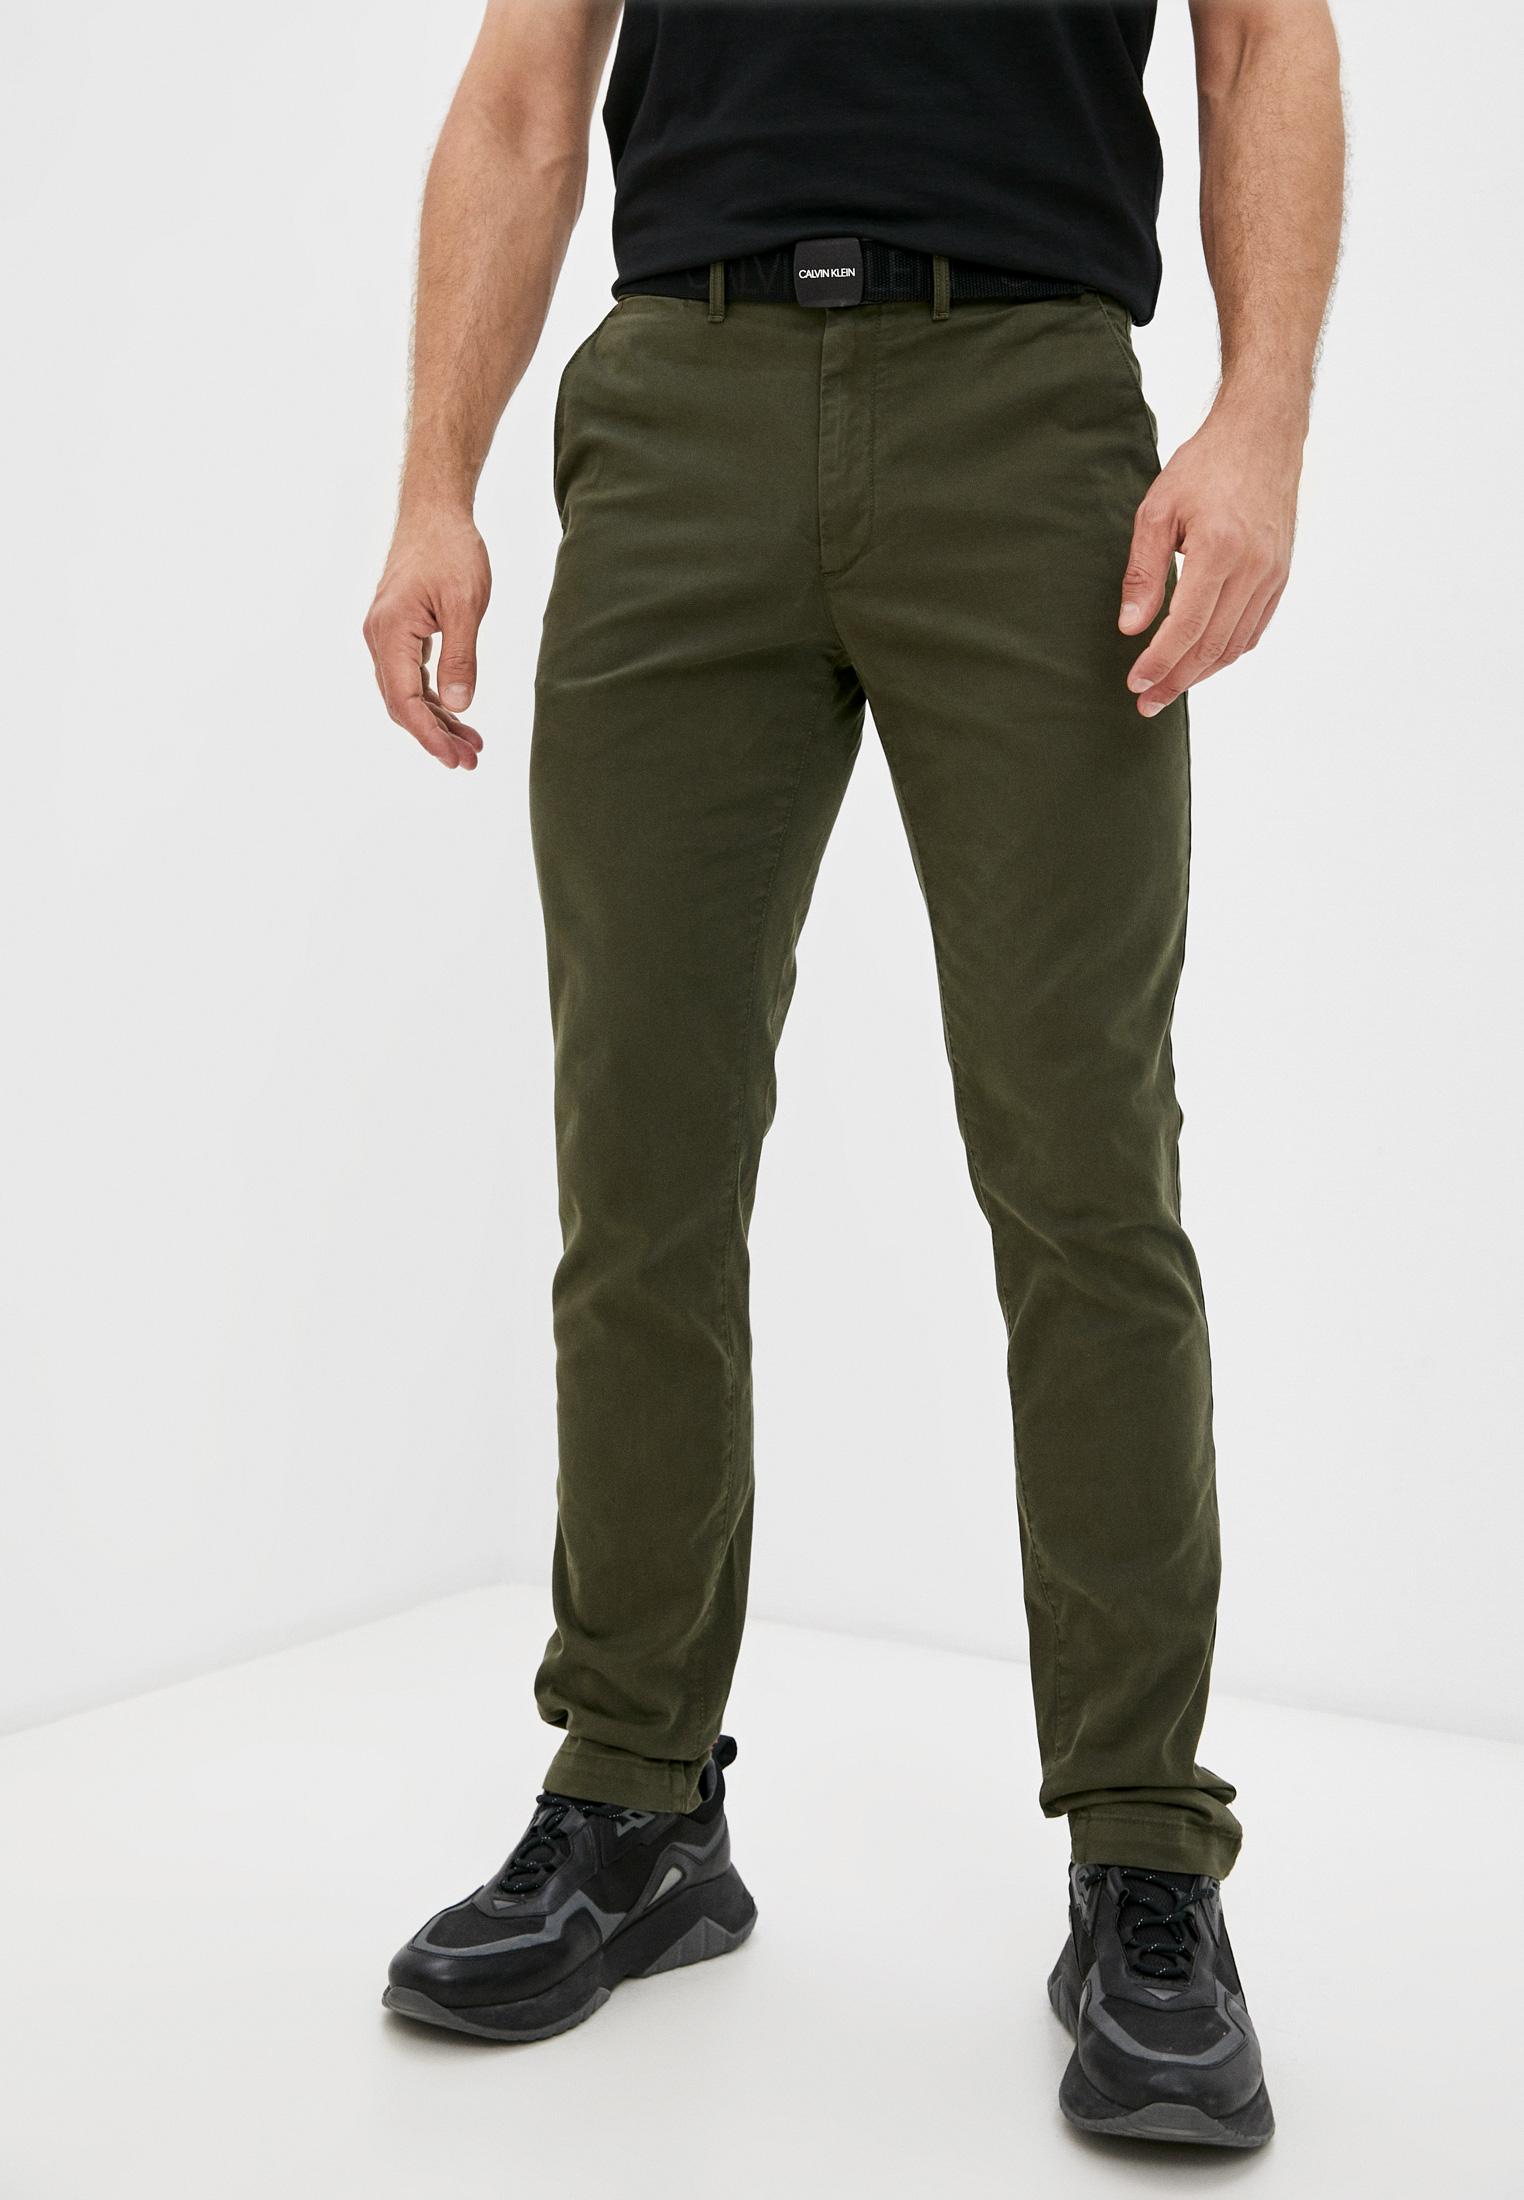 Мужские повседневные брюки Calvin Klein (Кельвин Кляйн) Брюки Calvin Klein